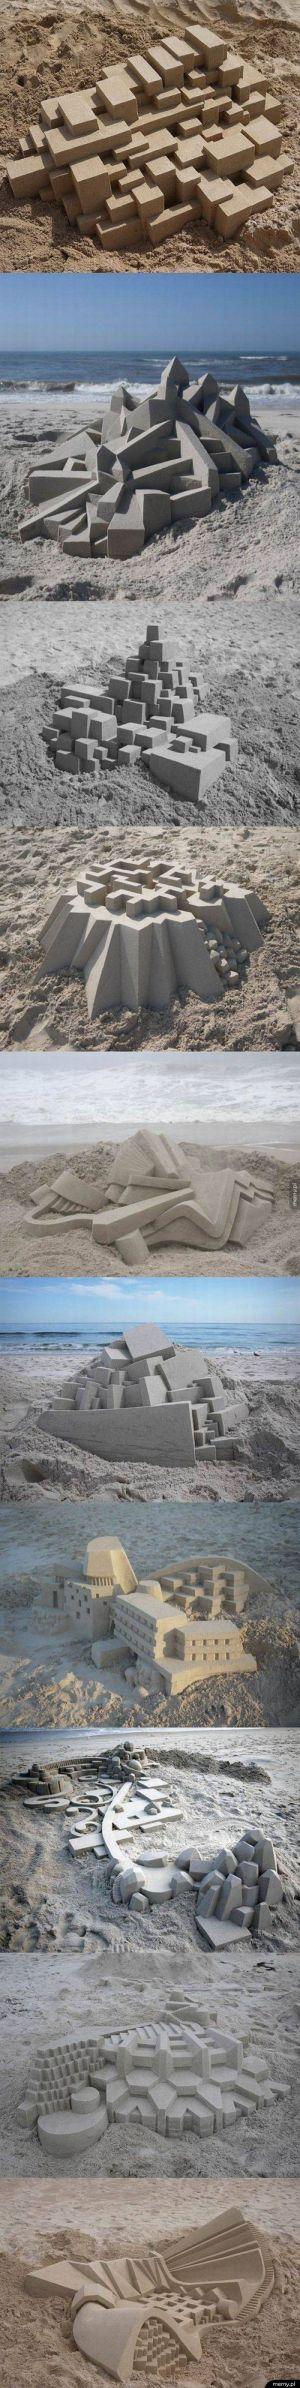 Pozostałości po wizycie architektów na plaży.